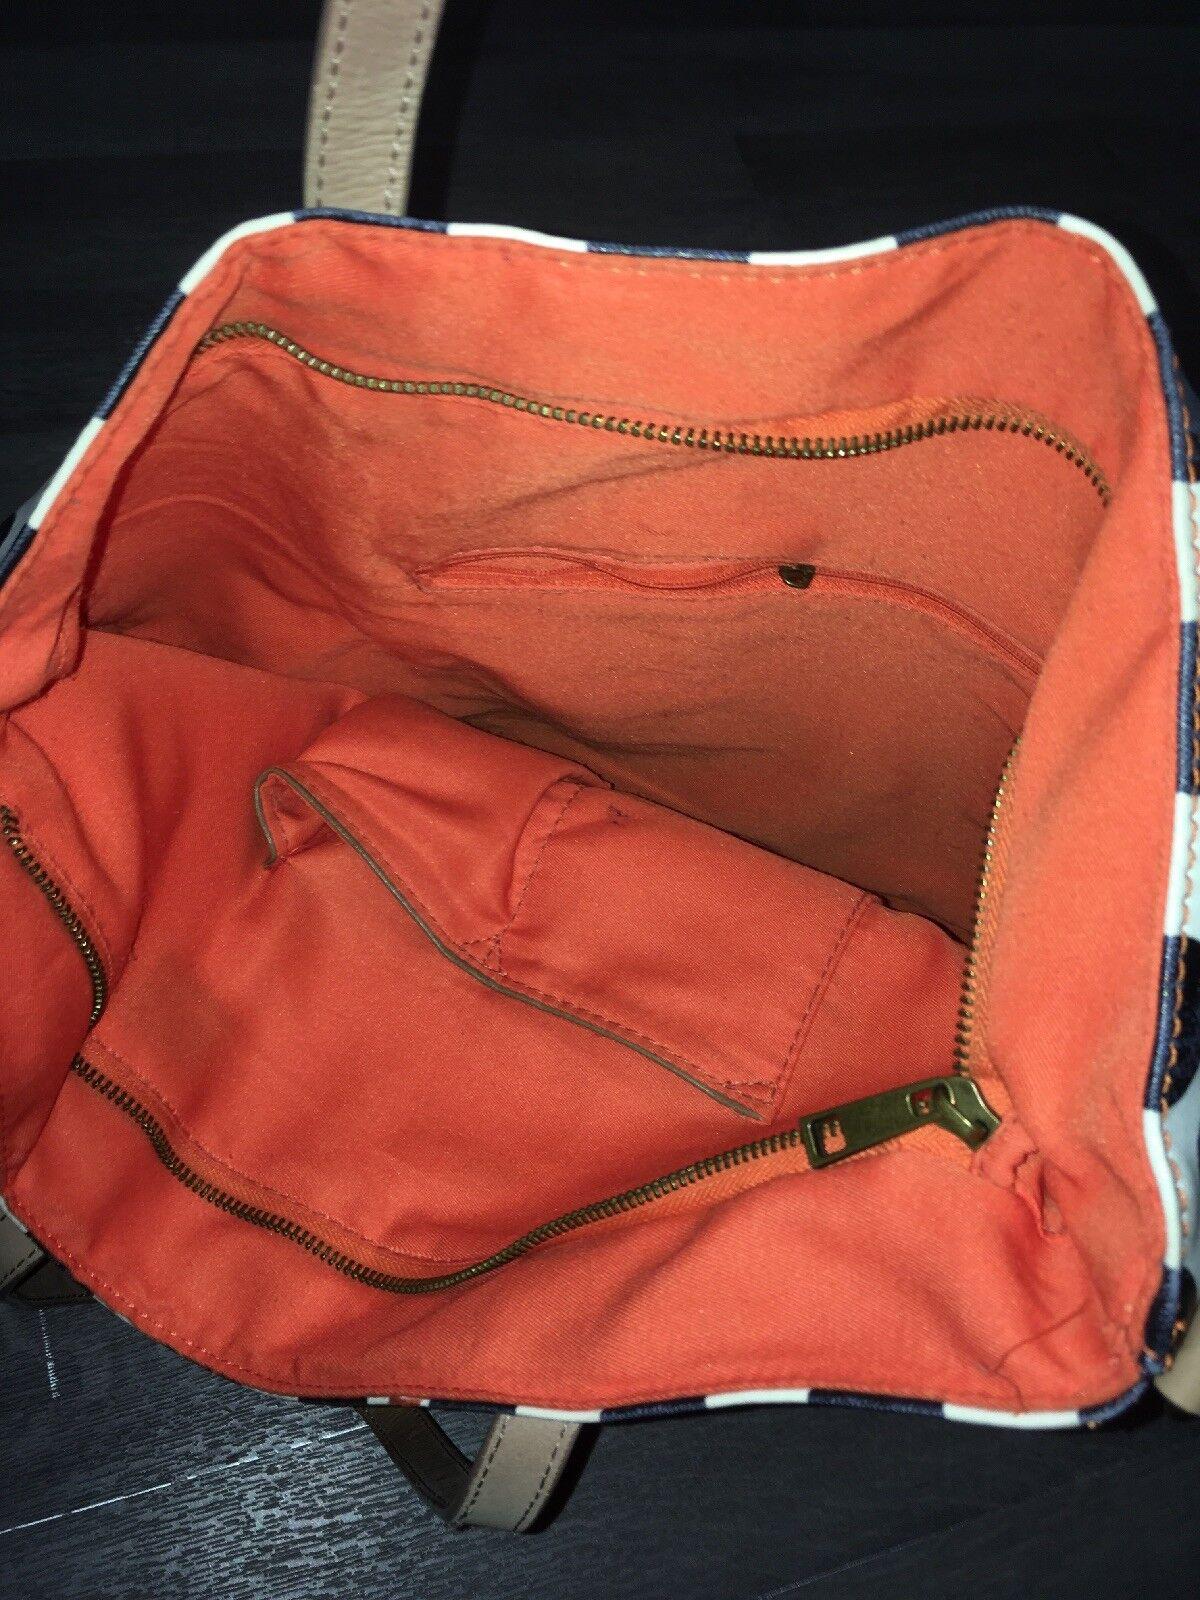 Schöne  Tasche Von Codello | Elegant  | Realistisch  Realistisch  Realistisch  | Quality First  94c4f7